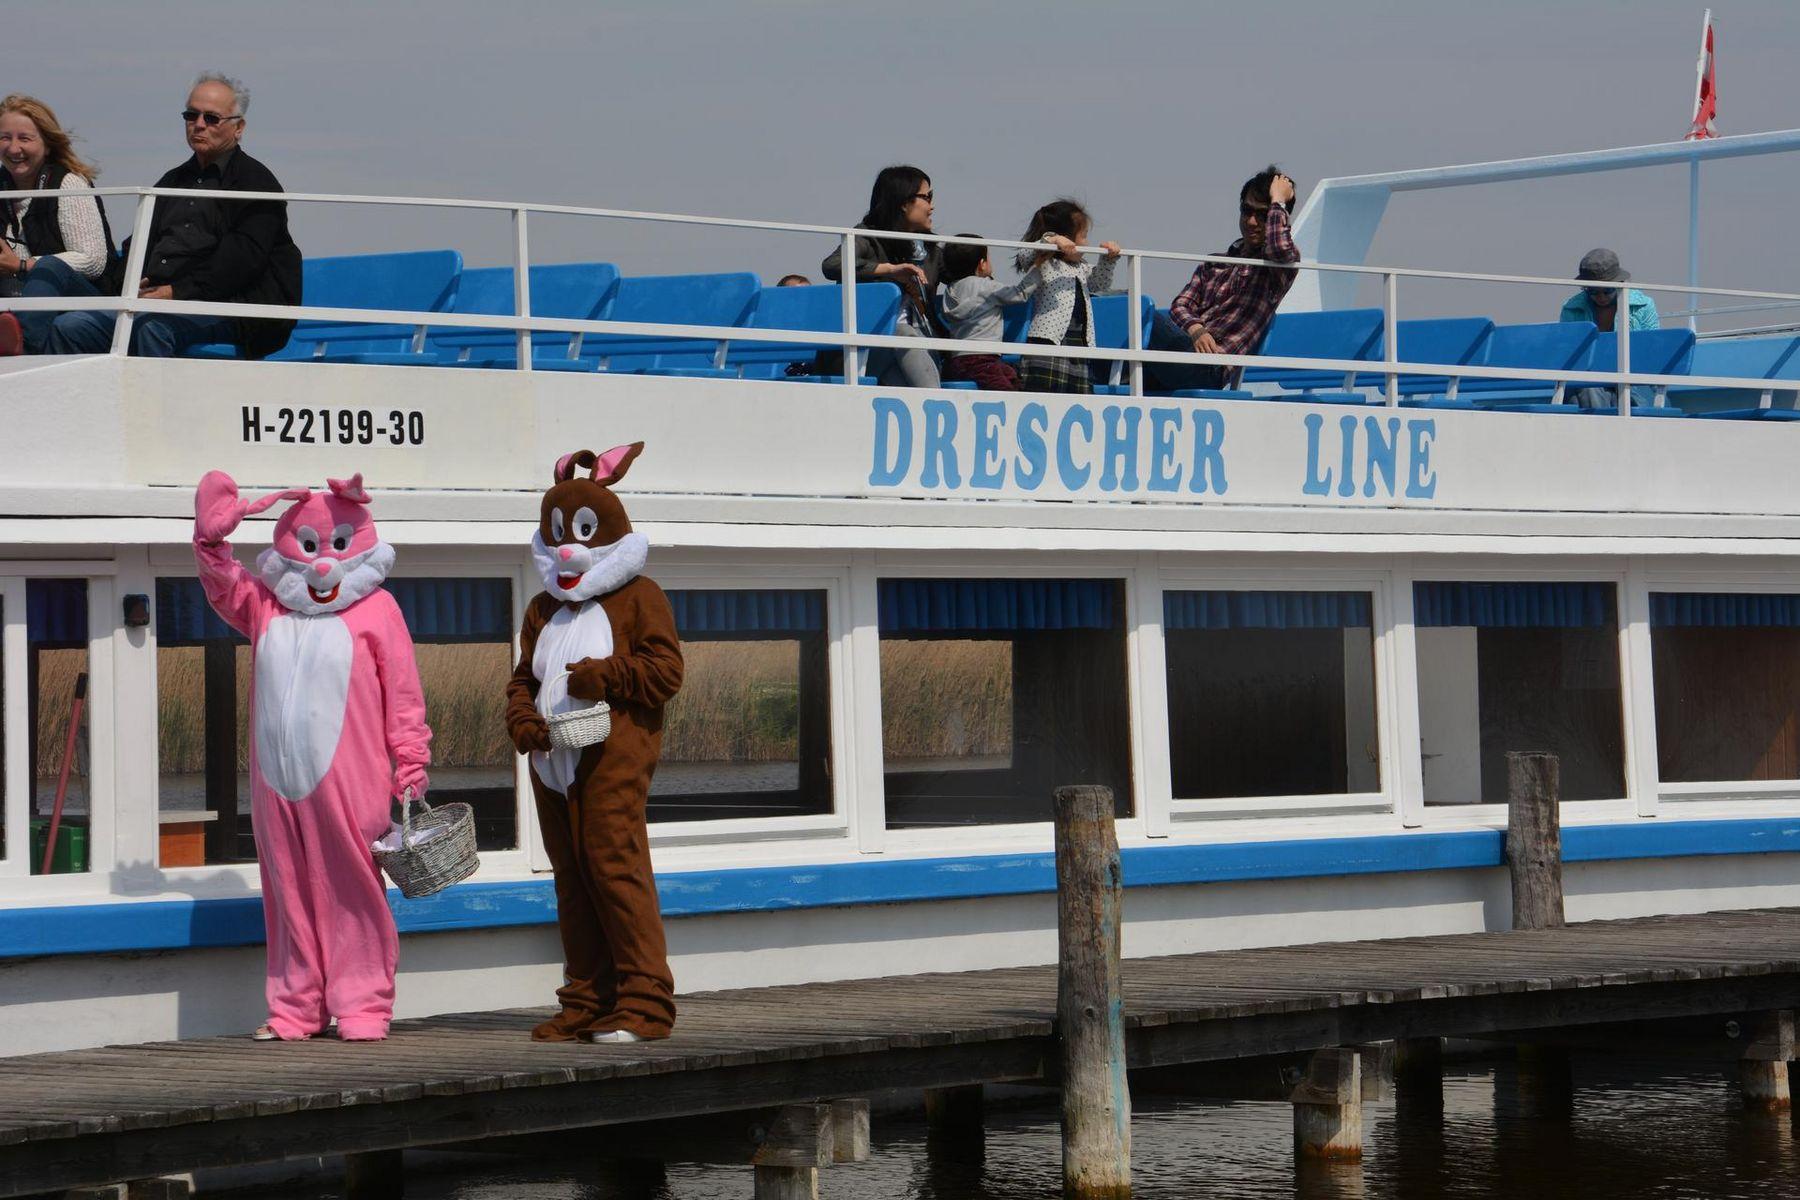 ©Dreschner Touristik & Line